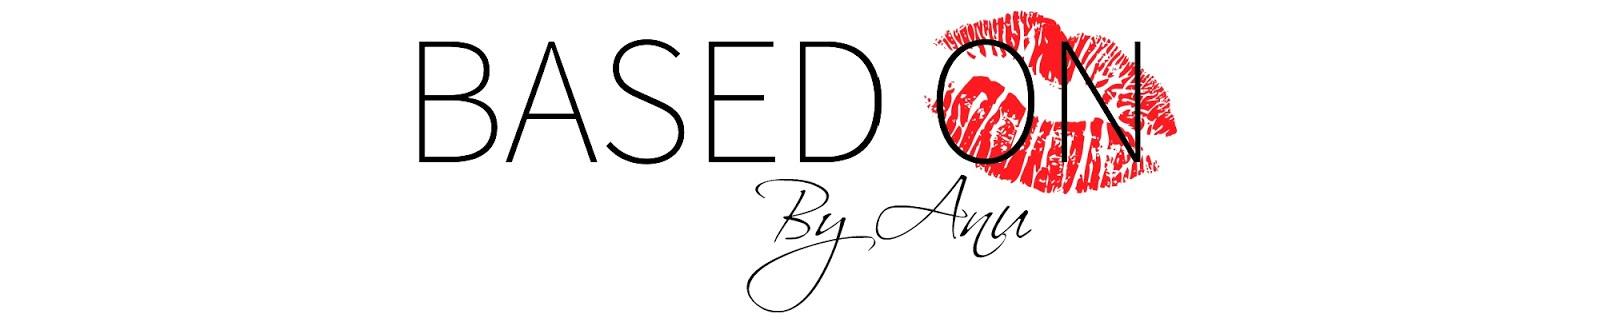 Based On | Beauty, Life & Style blog